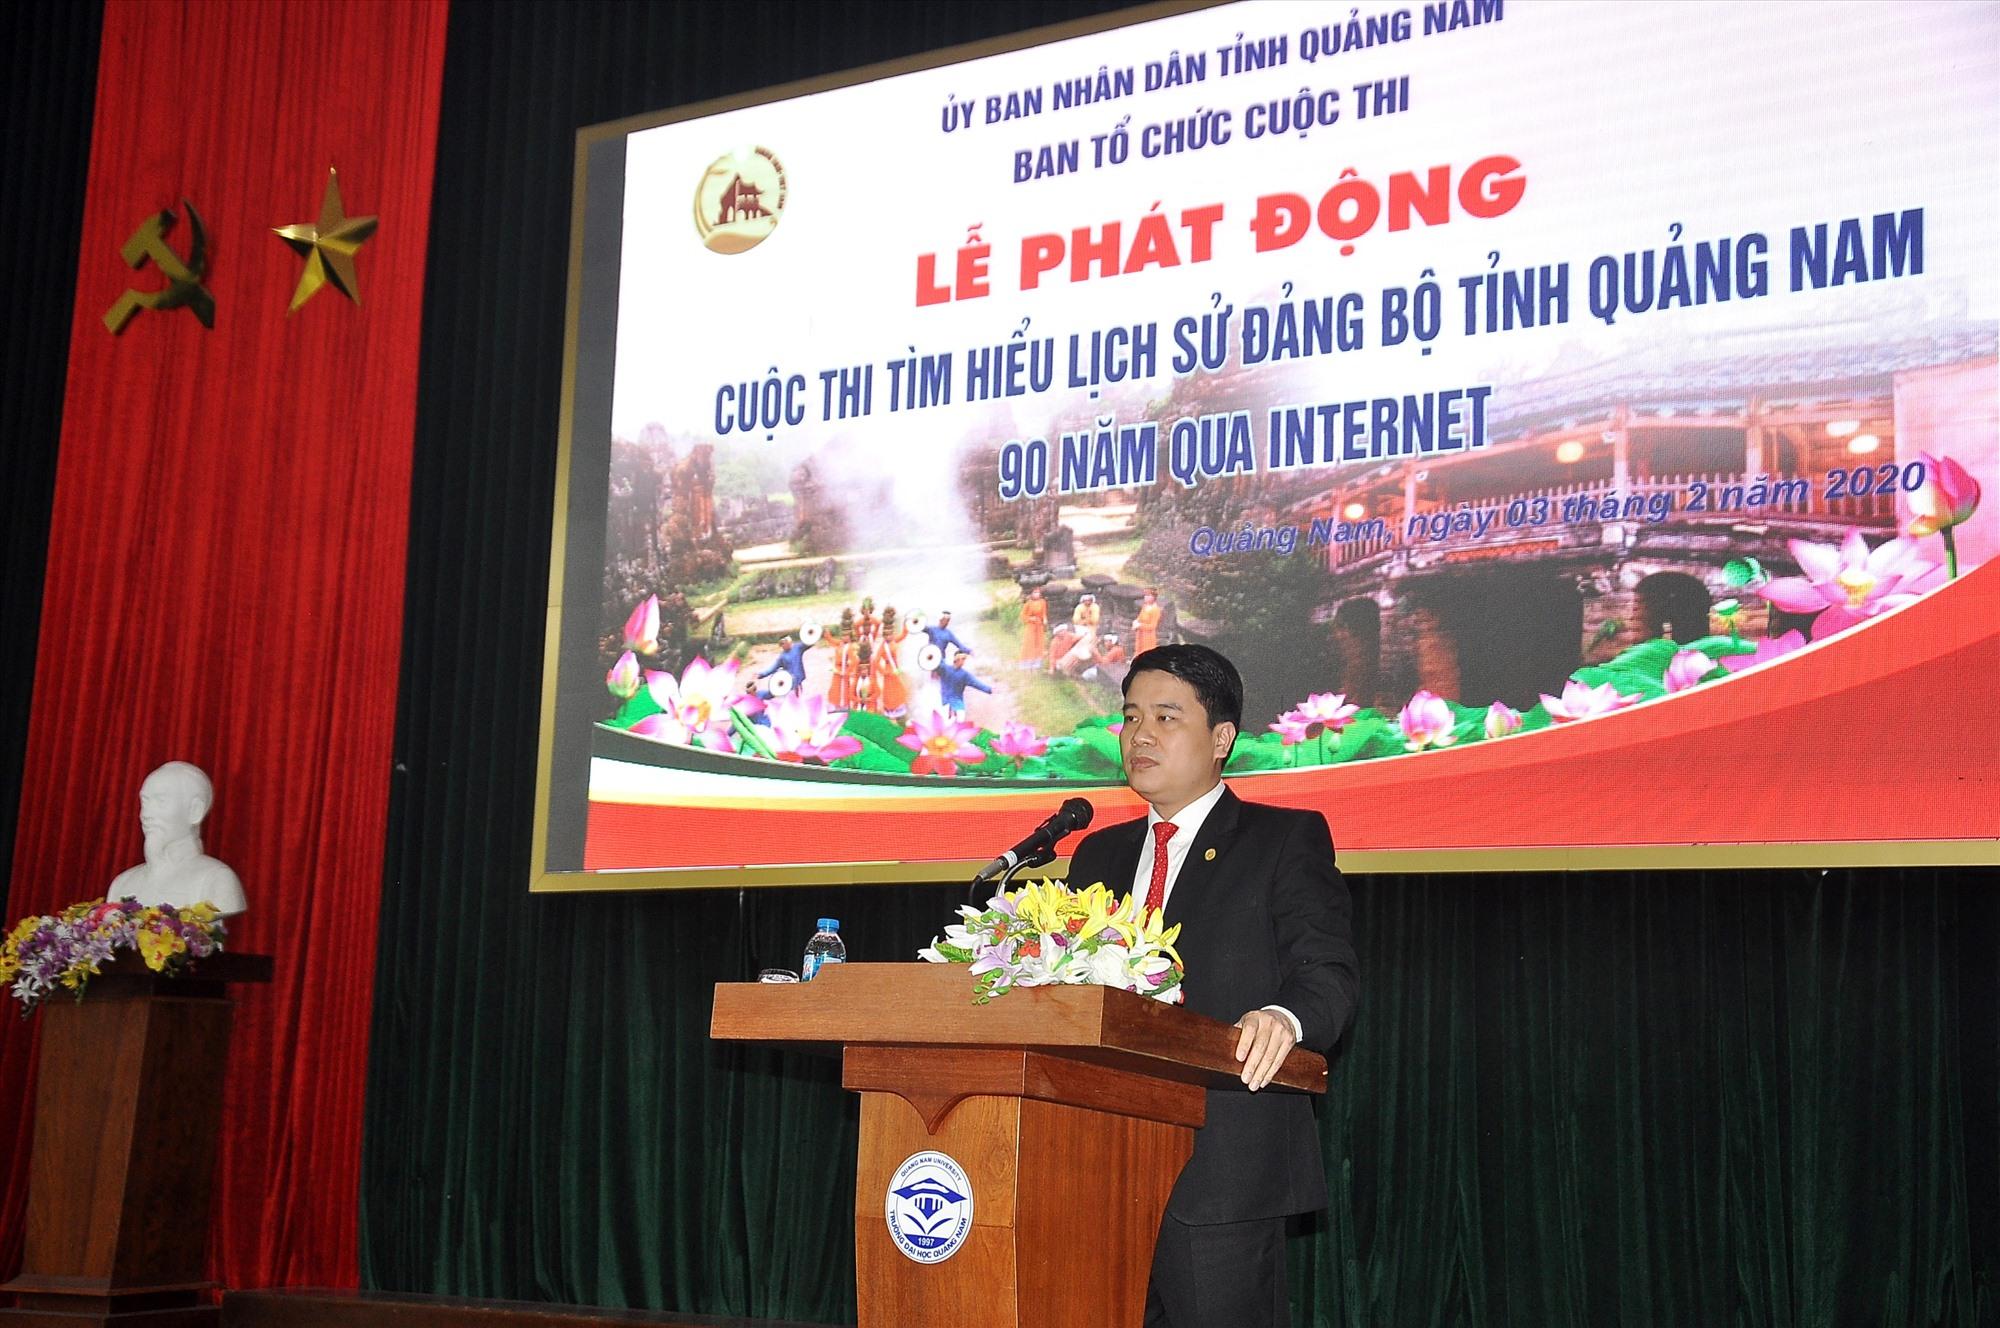 Phó Chủ tịch UBND tỉnh Trần Văn Tân phát biểu tại lễ phát động. Ảnh: VINH ANH